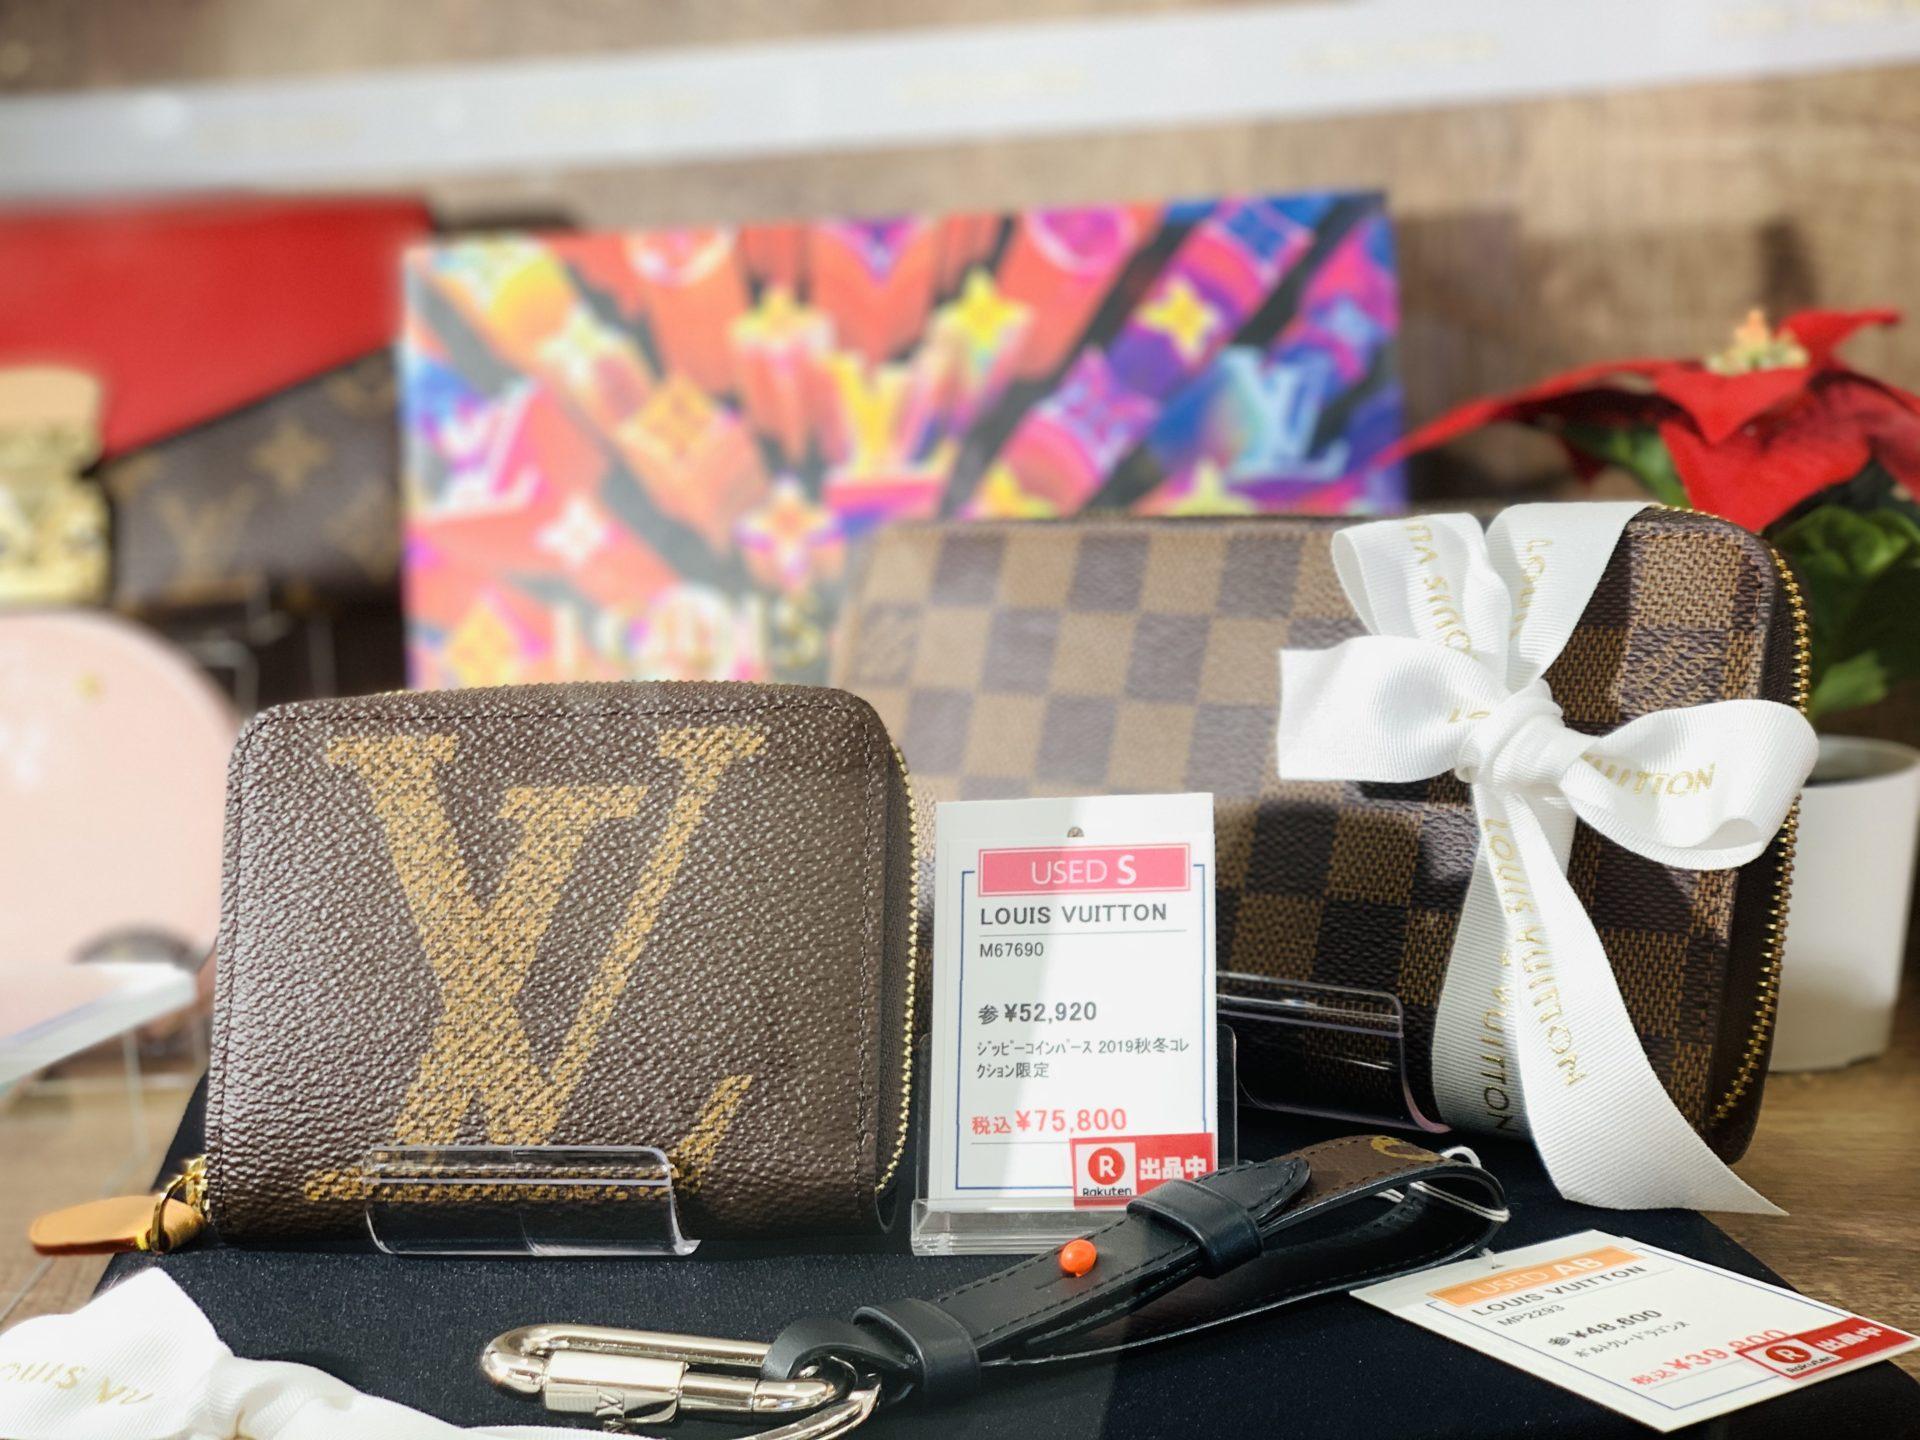 【盛岡 ブランド 販売】クリスマスプレゼントに「LOUISVUITTON(ルイヴィトン)」のお財布はいかがですか?